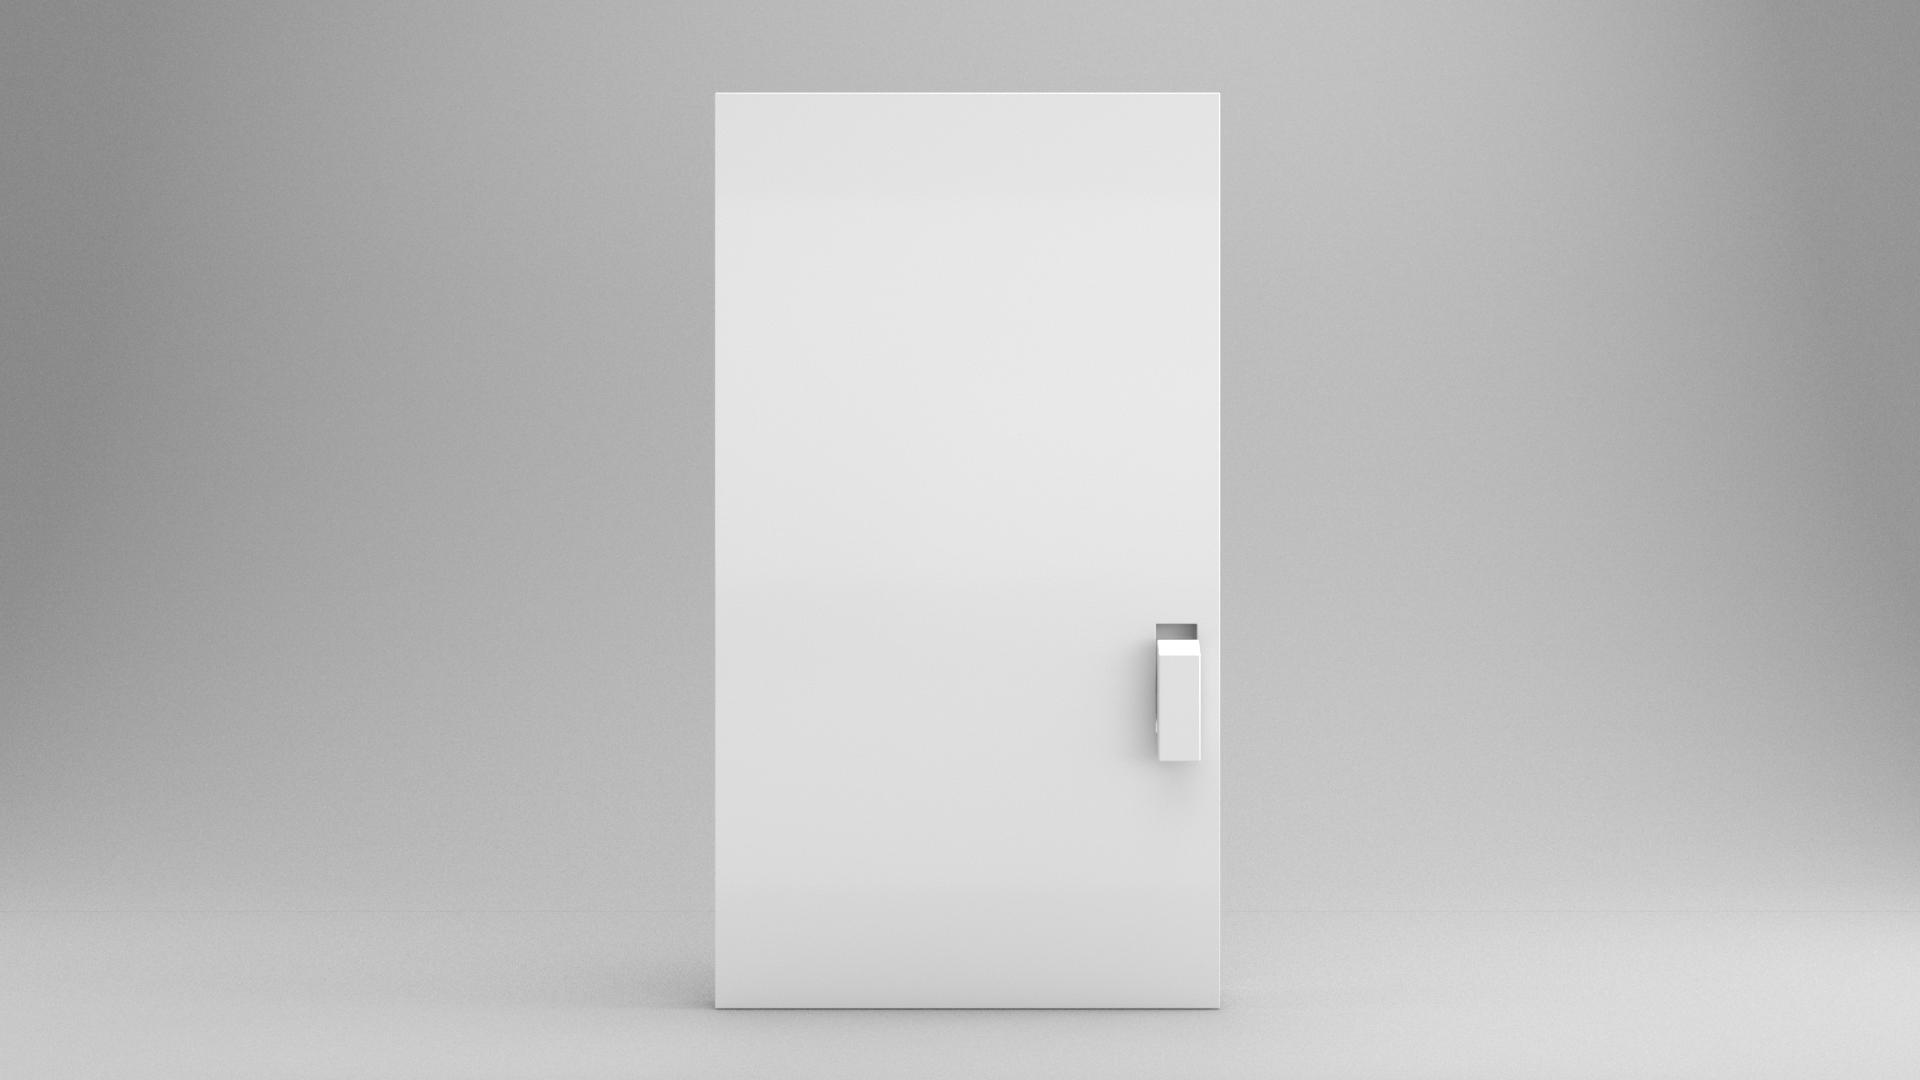 doorknob-2_0015.png